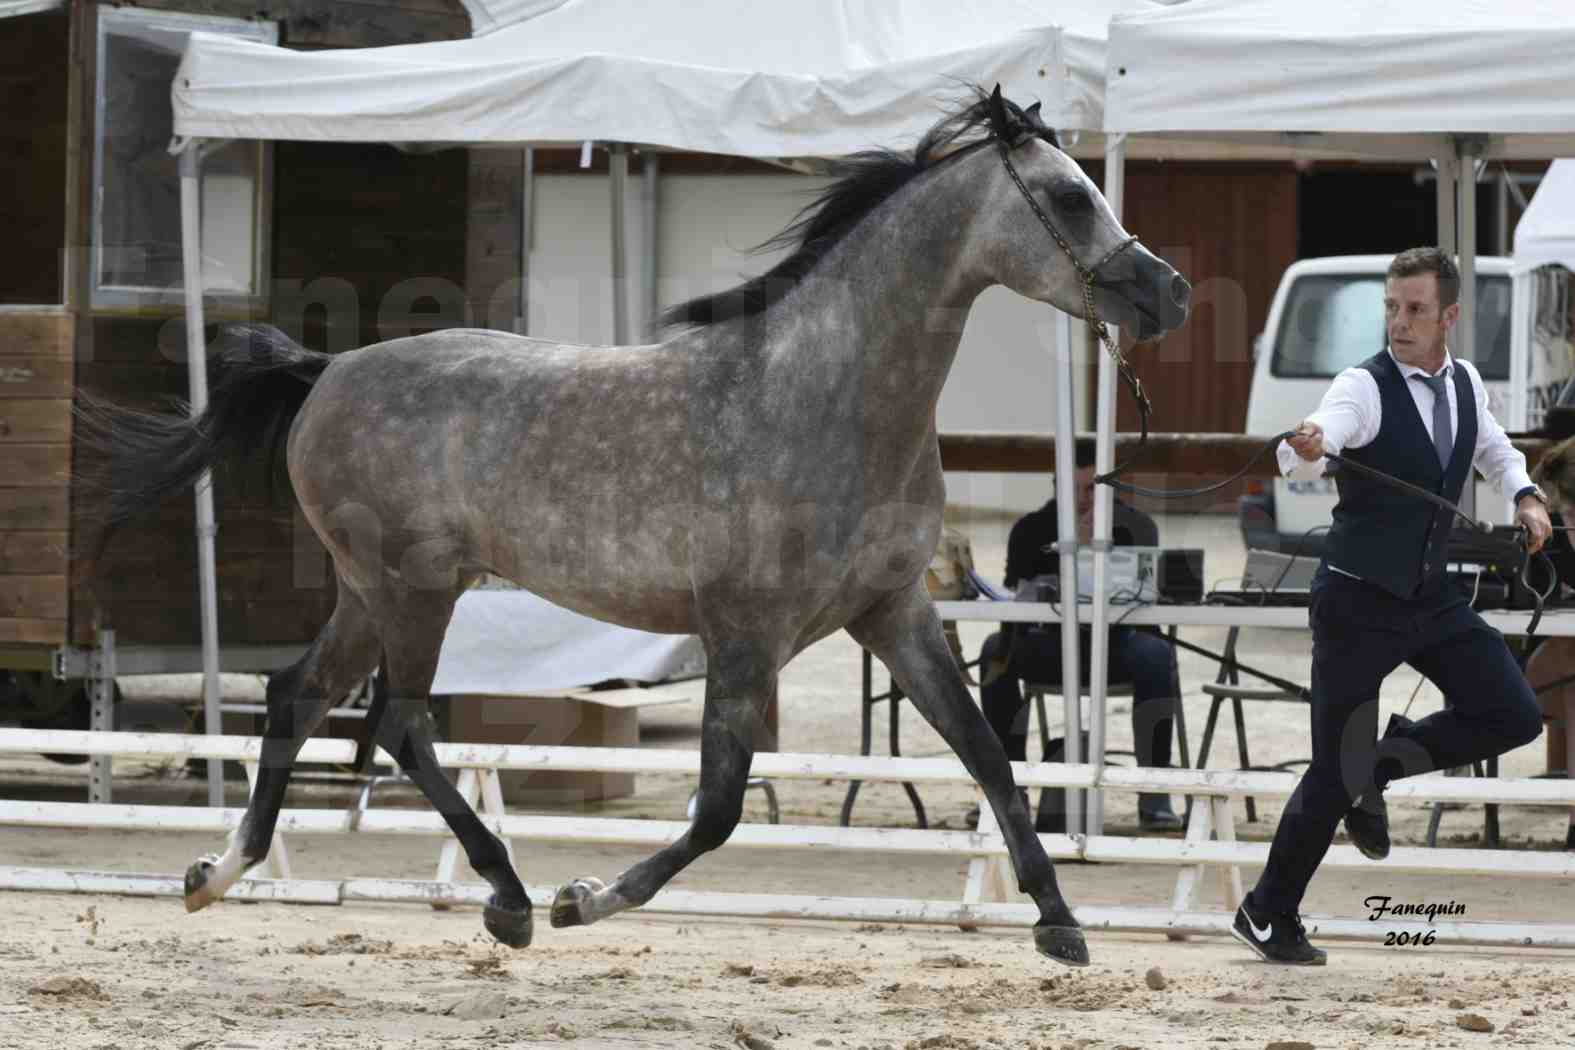 Show national de chevaux arabe à CHAZEY sur AIN en 2016 - ABHA YALI - 2